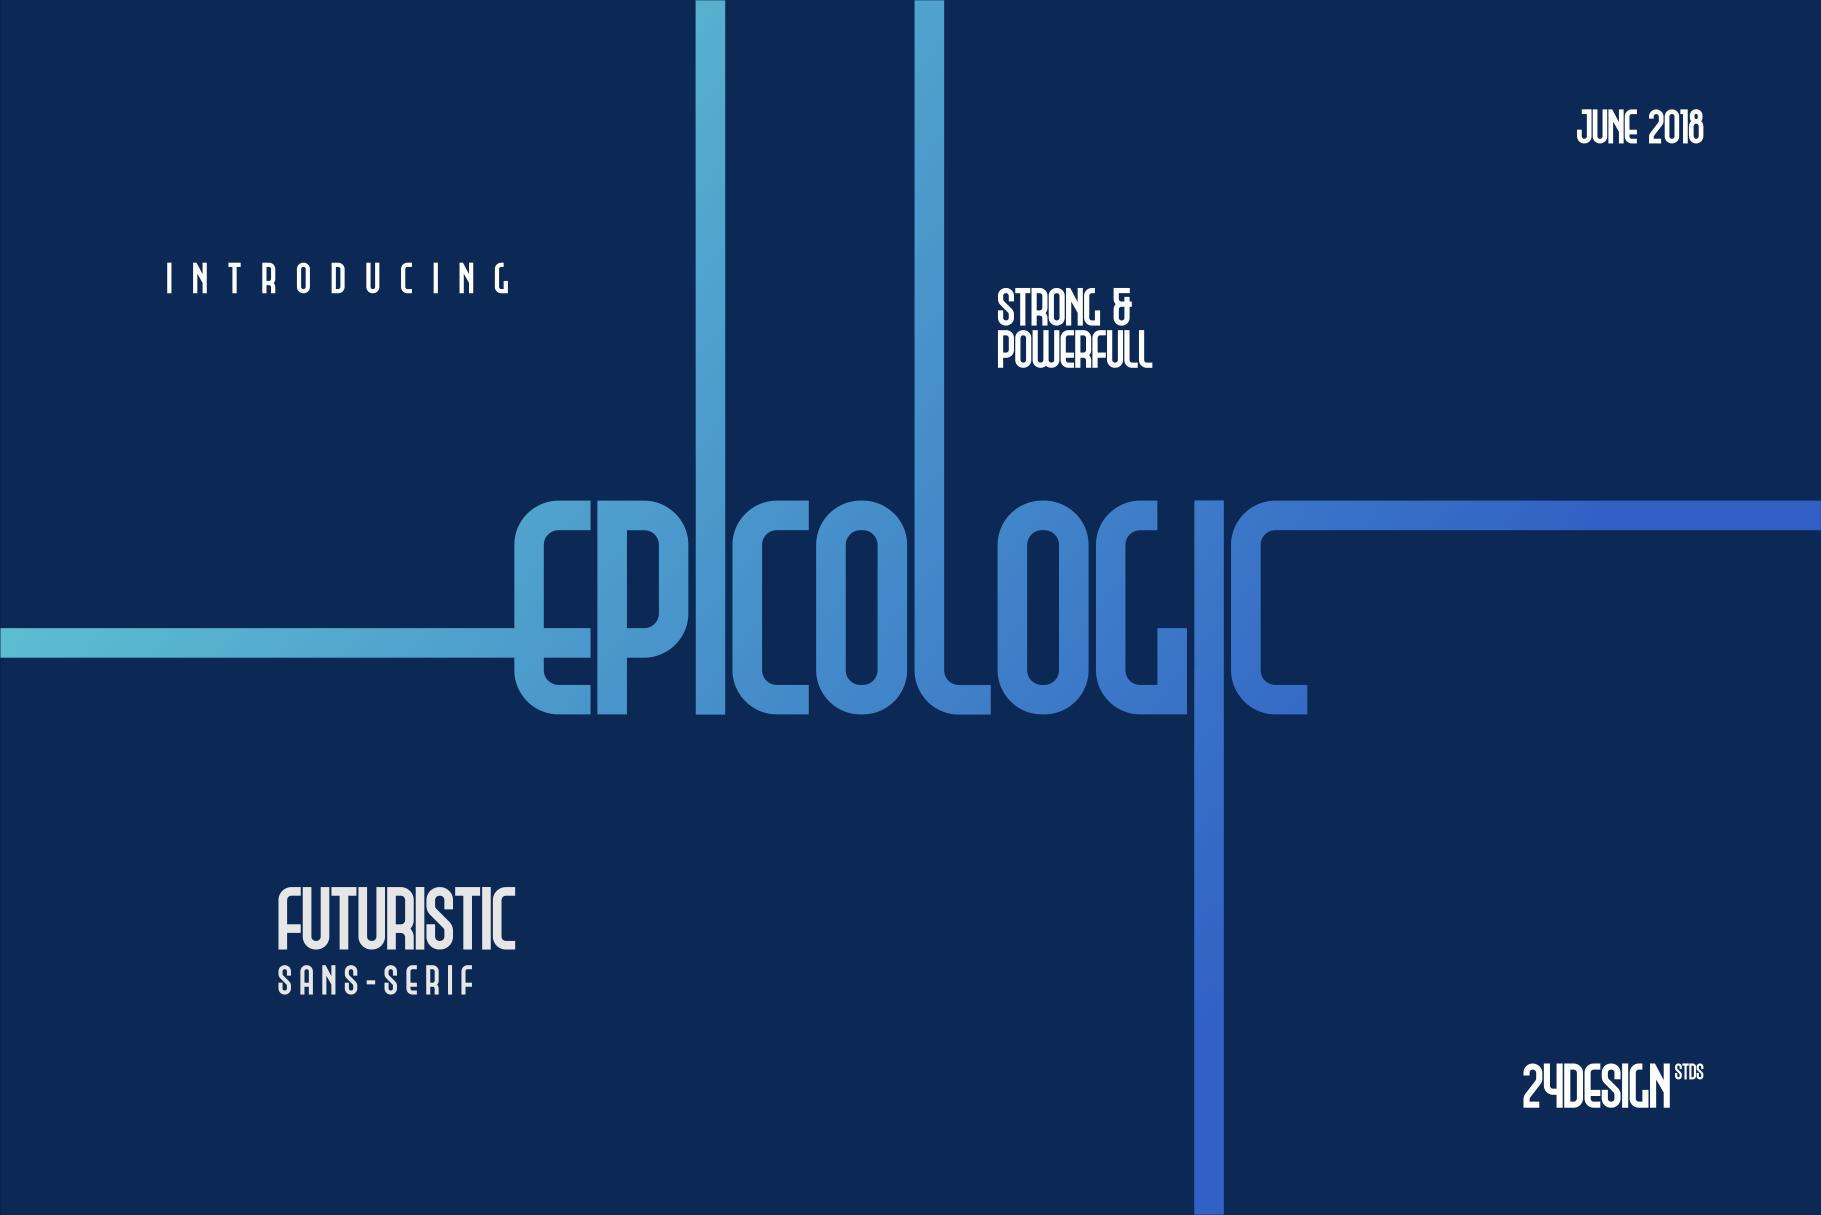 Epicologic Fonts 4 Style example image 1